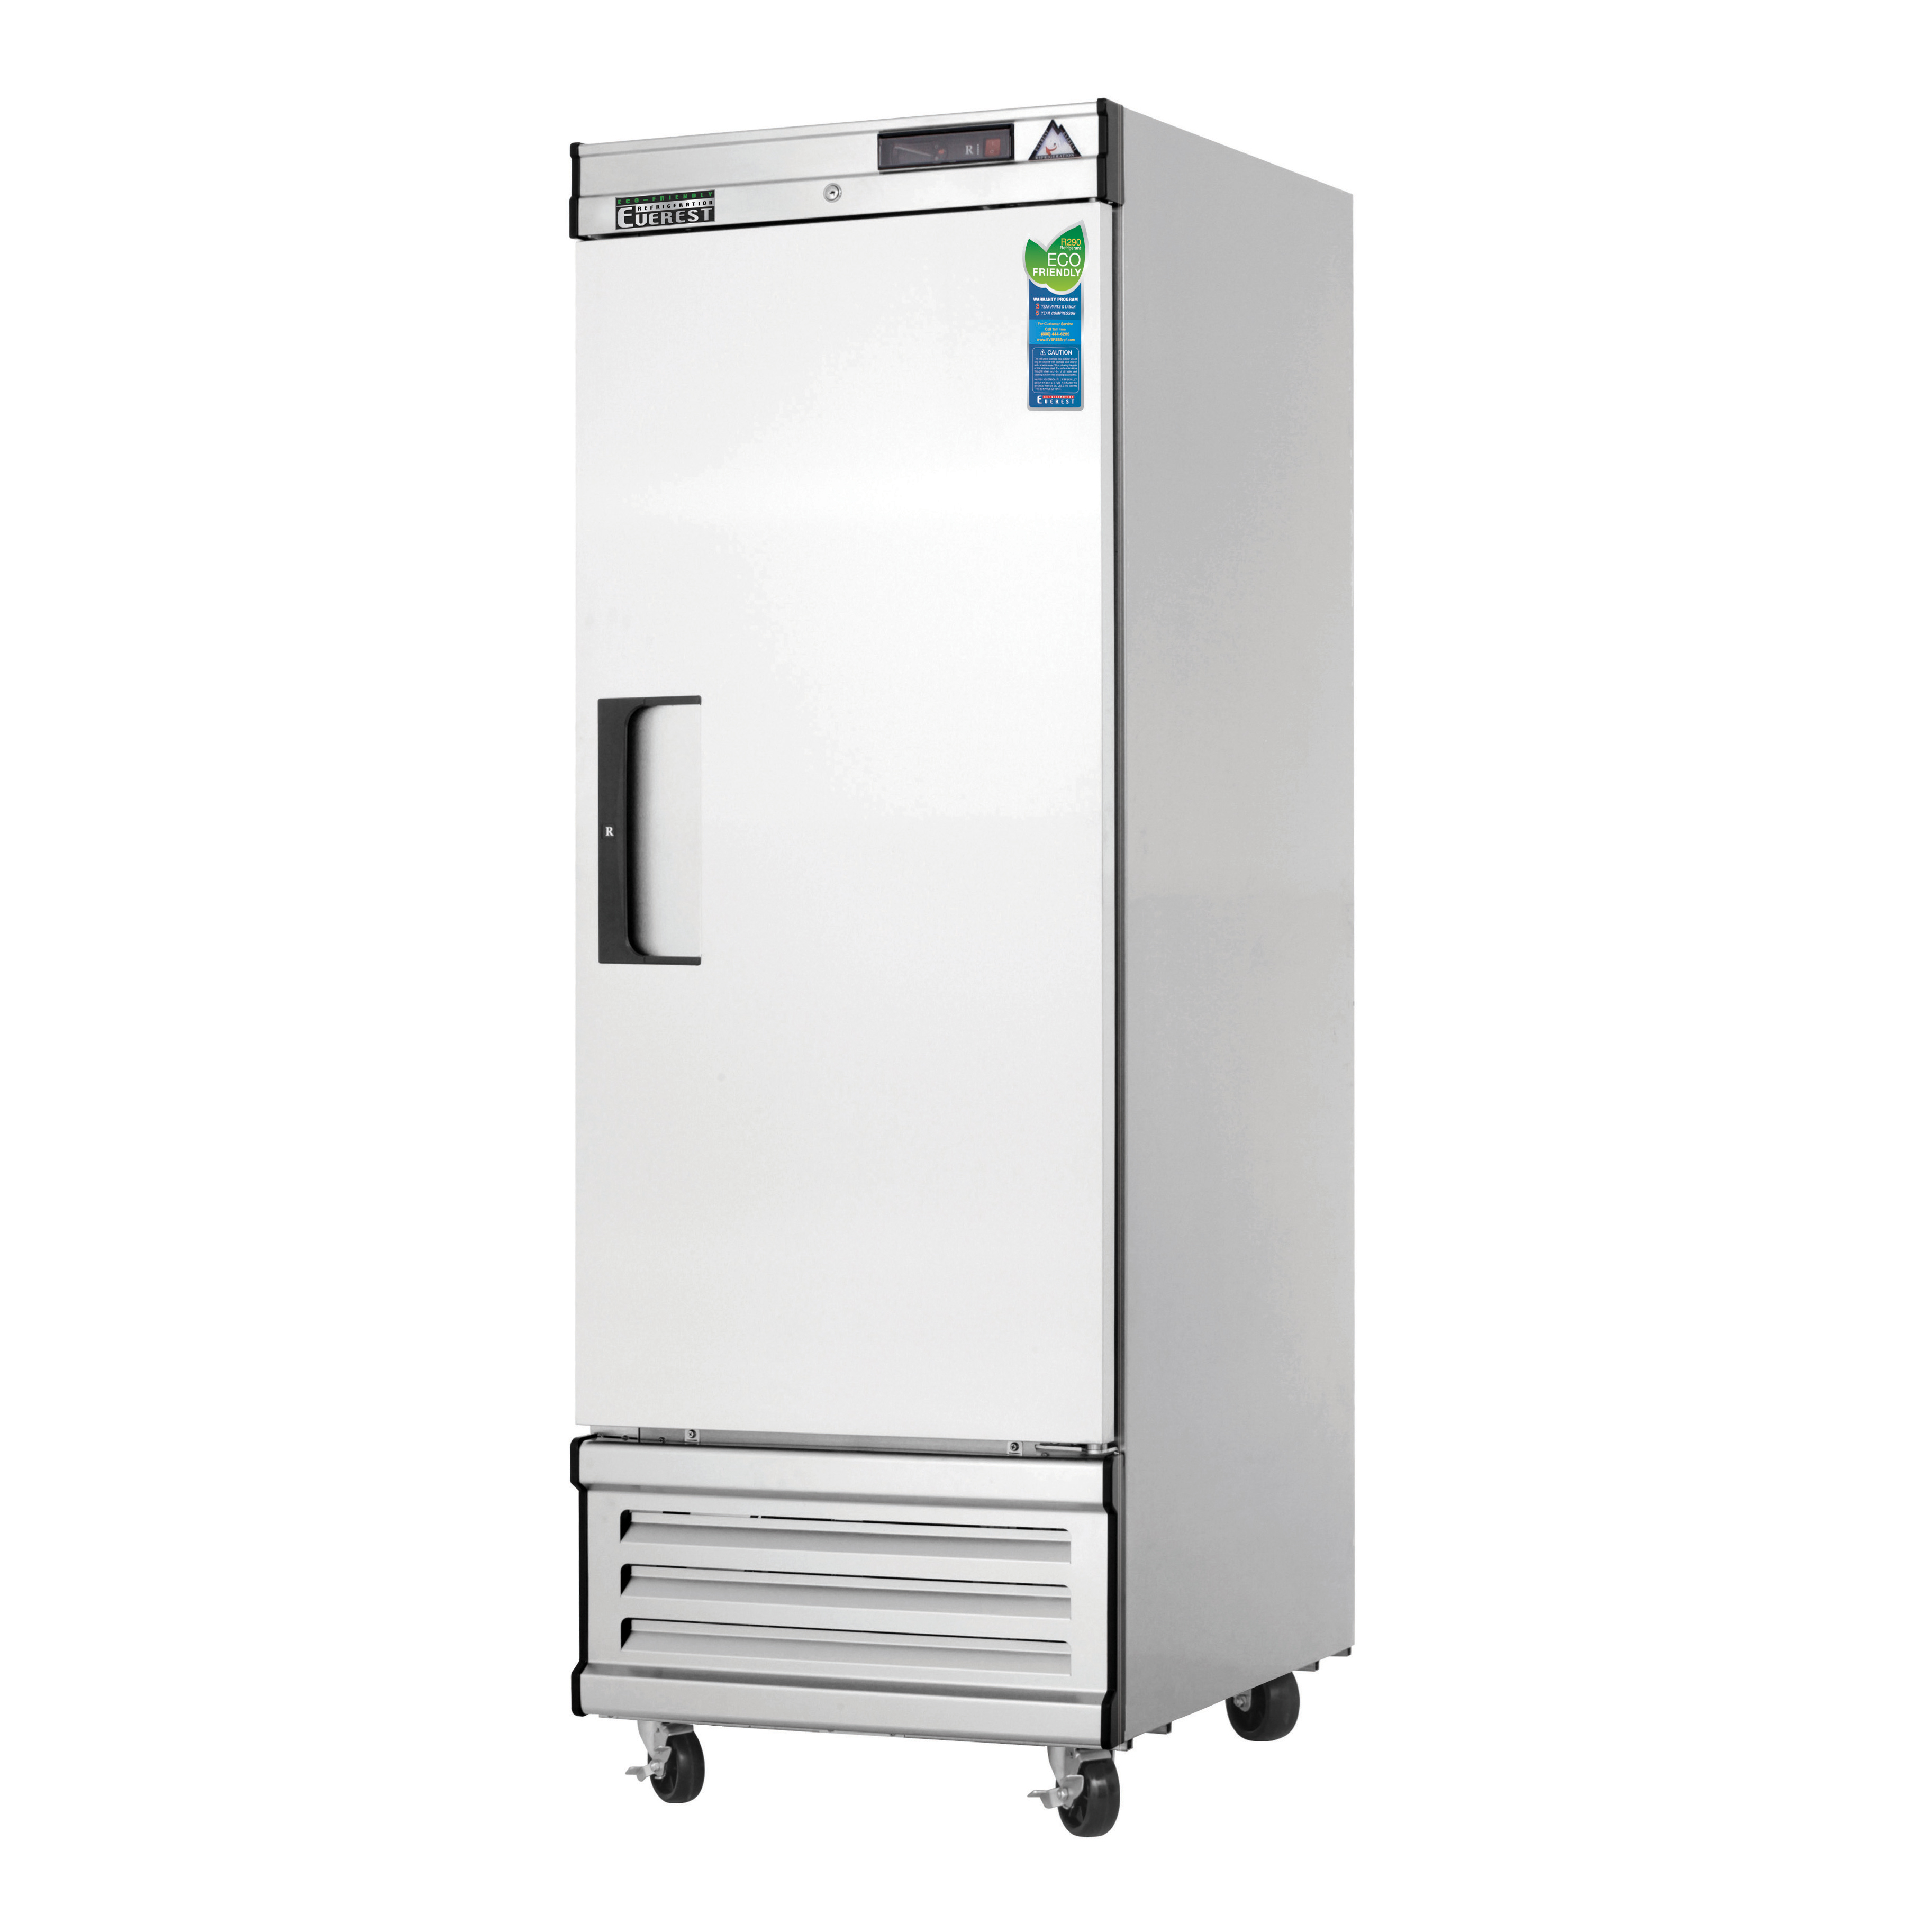 EBF1 Everest Refrigeration freezer, reach-in